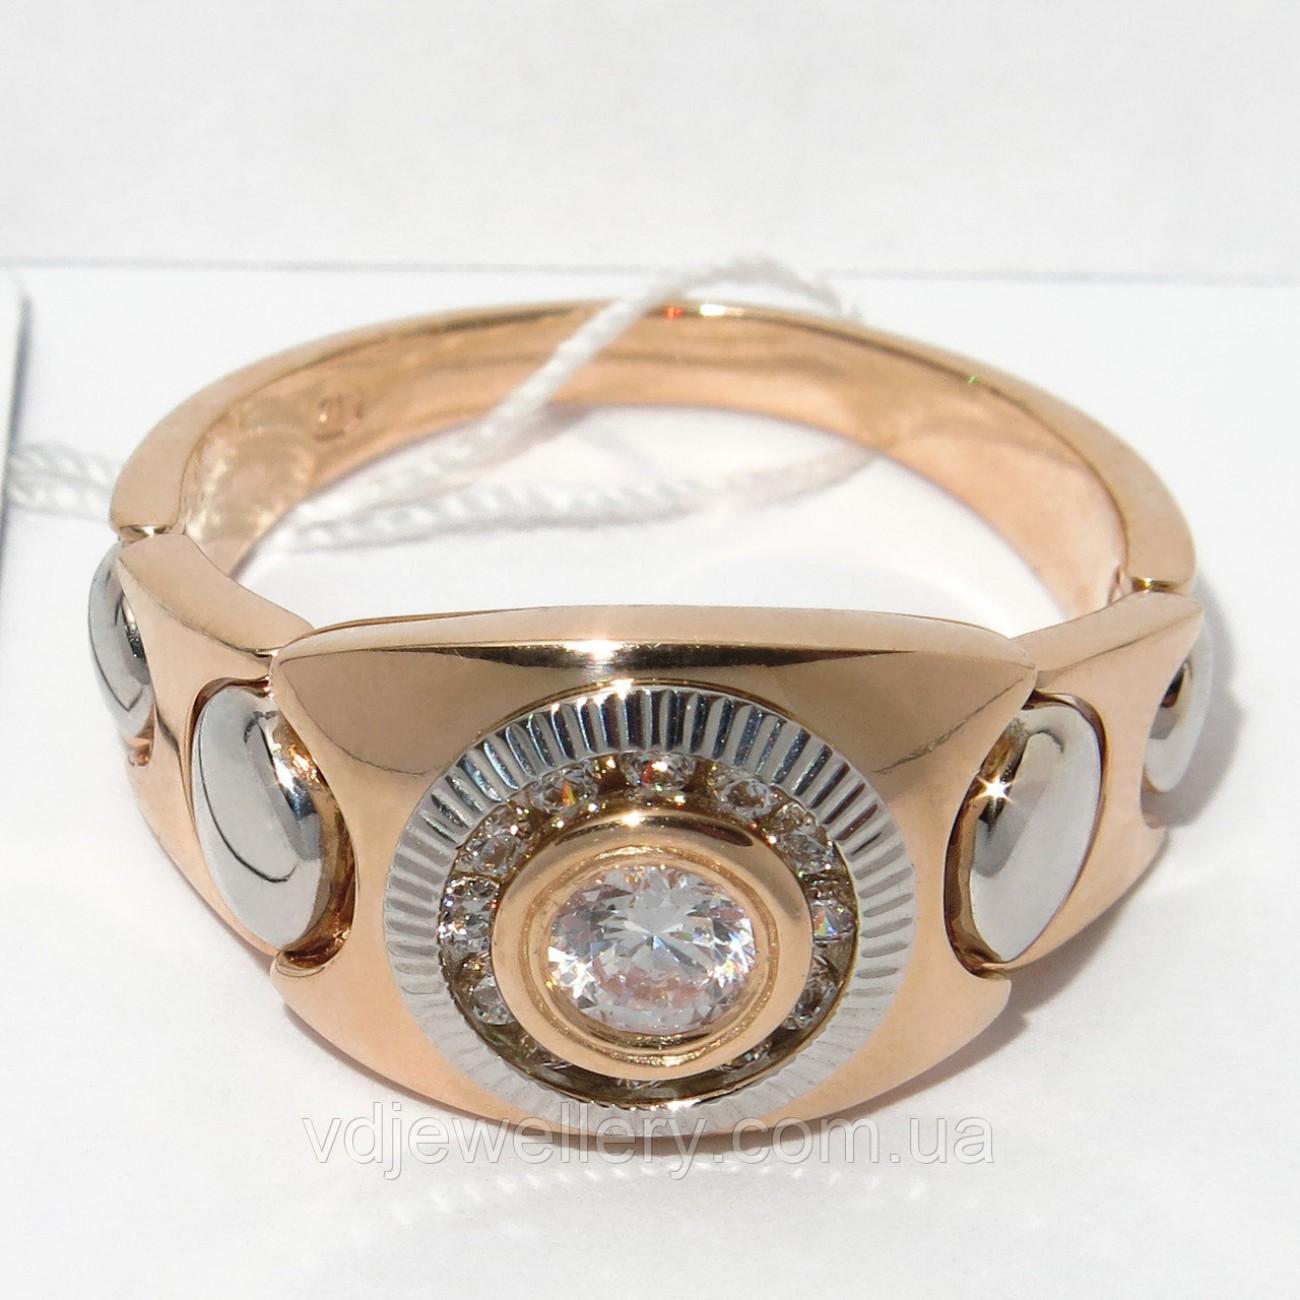 Мужское золотое кольцо КМХ-49